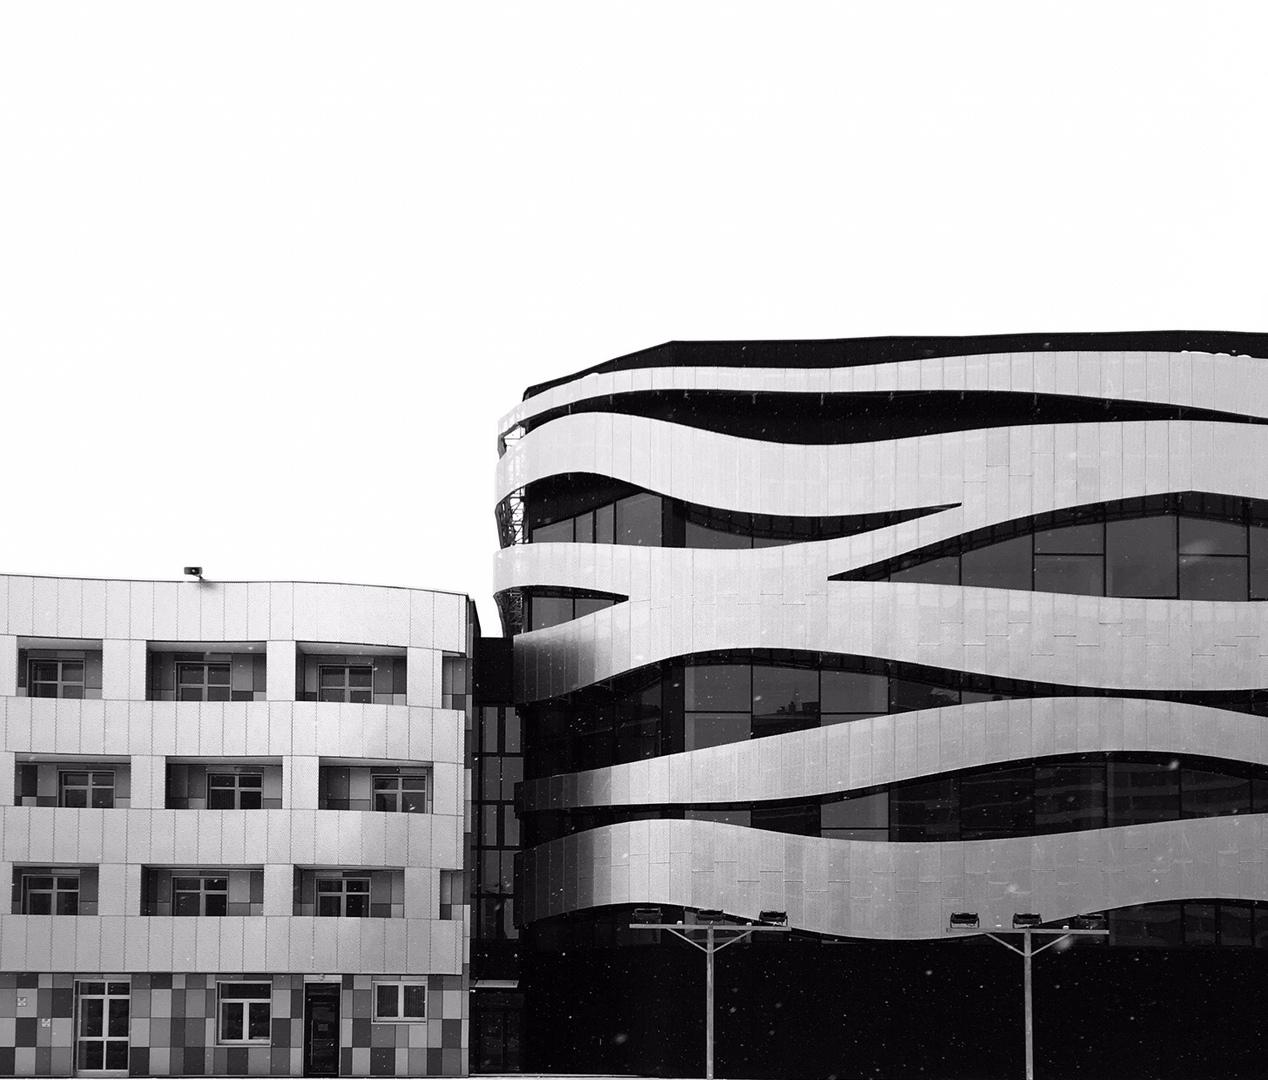 Дворец художественной гимнастики, Минск, монохром